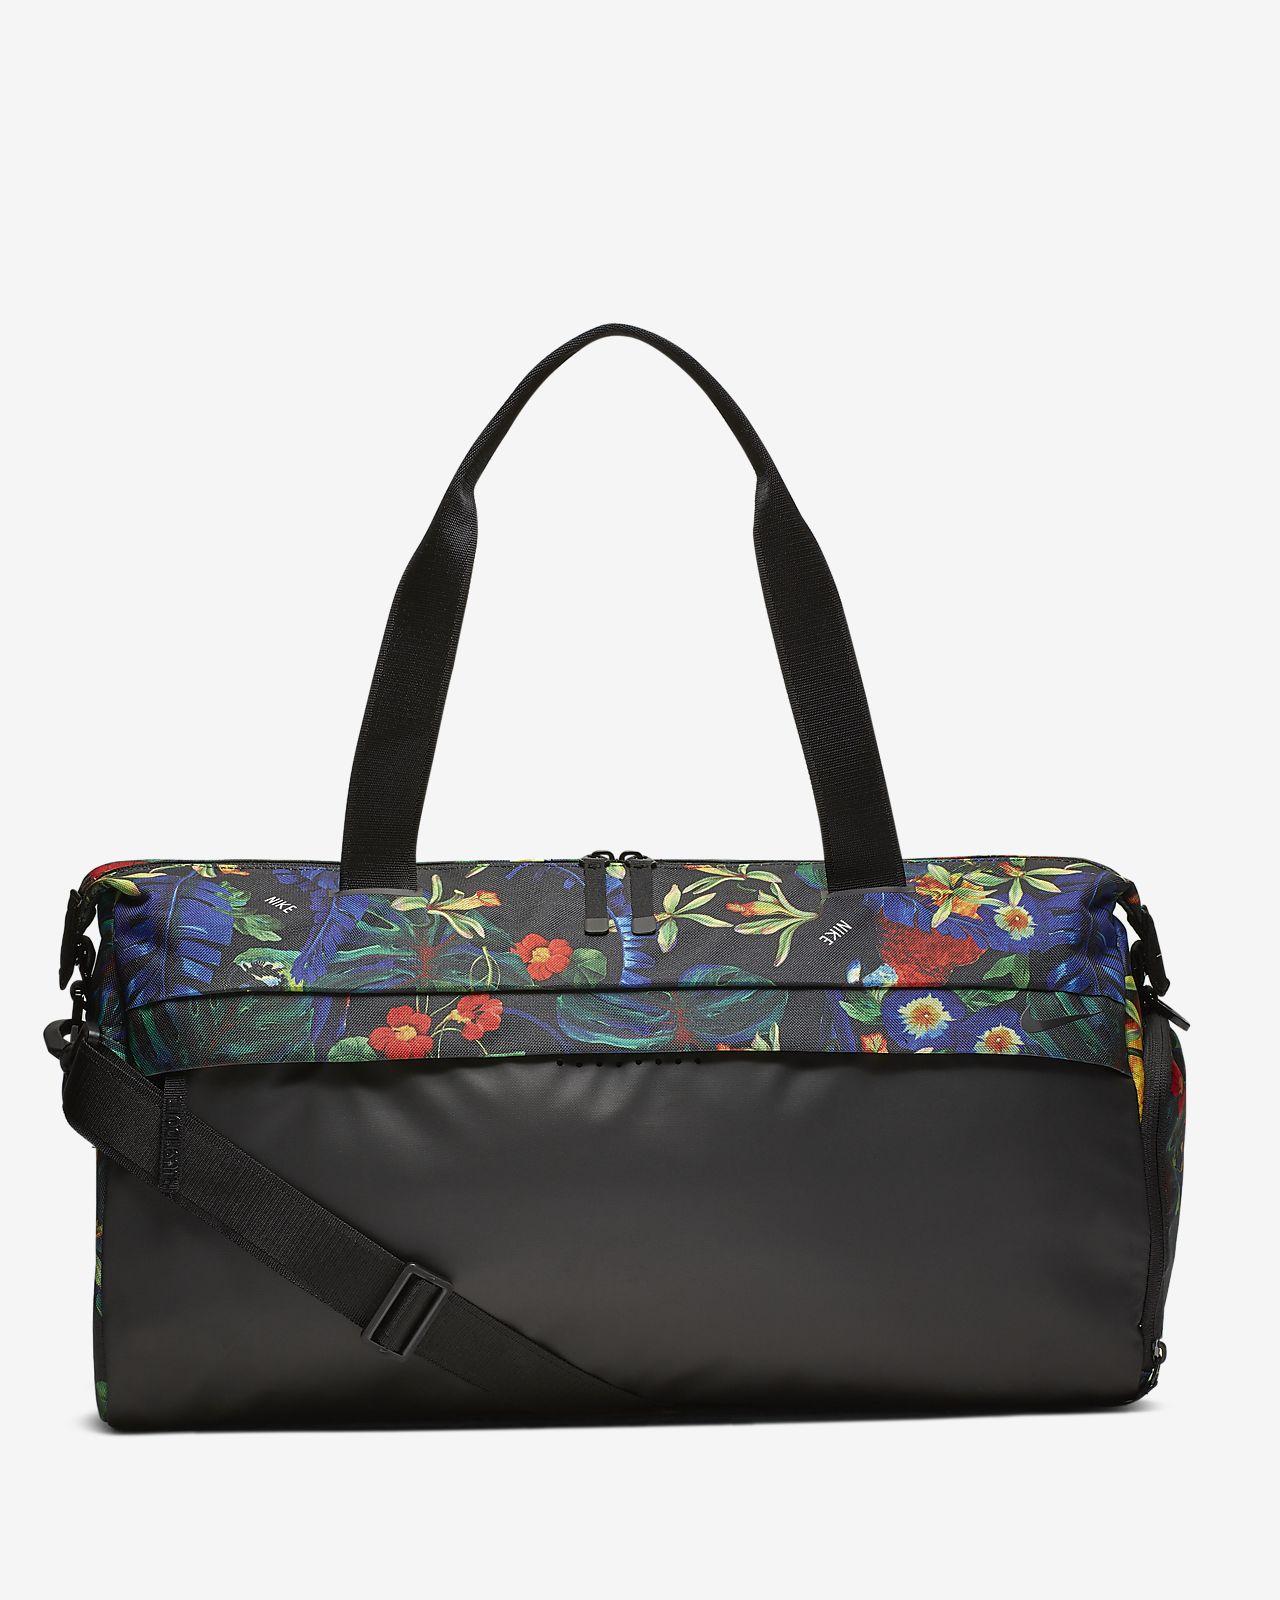 c96d760e5d8d Женская сумка с принтом для тренинга Nike Radiate Club. Nike.com RU